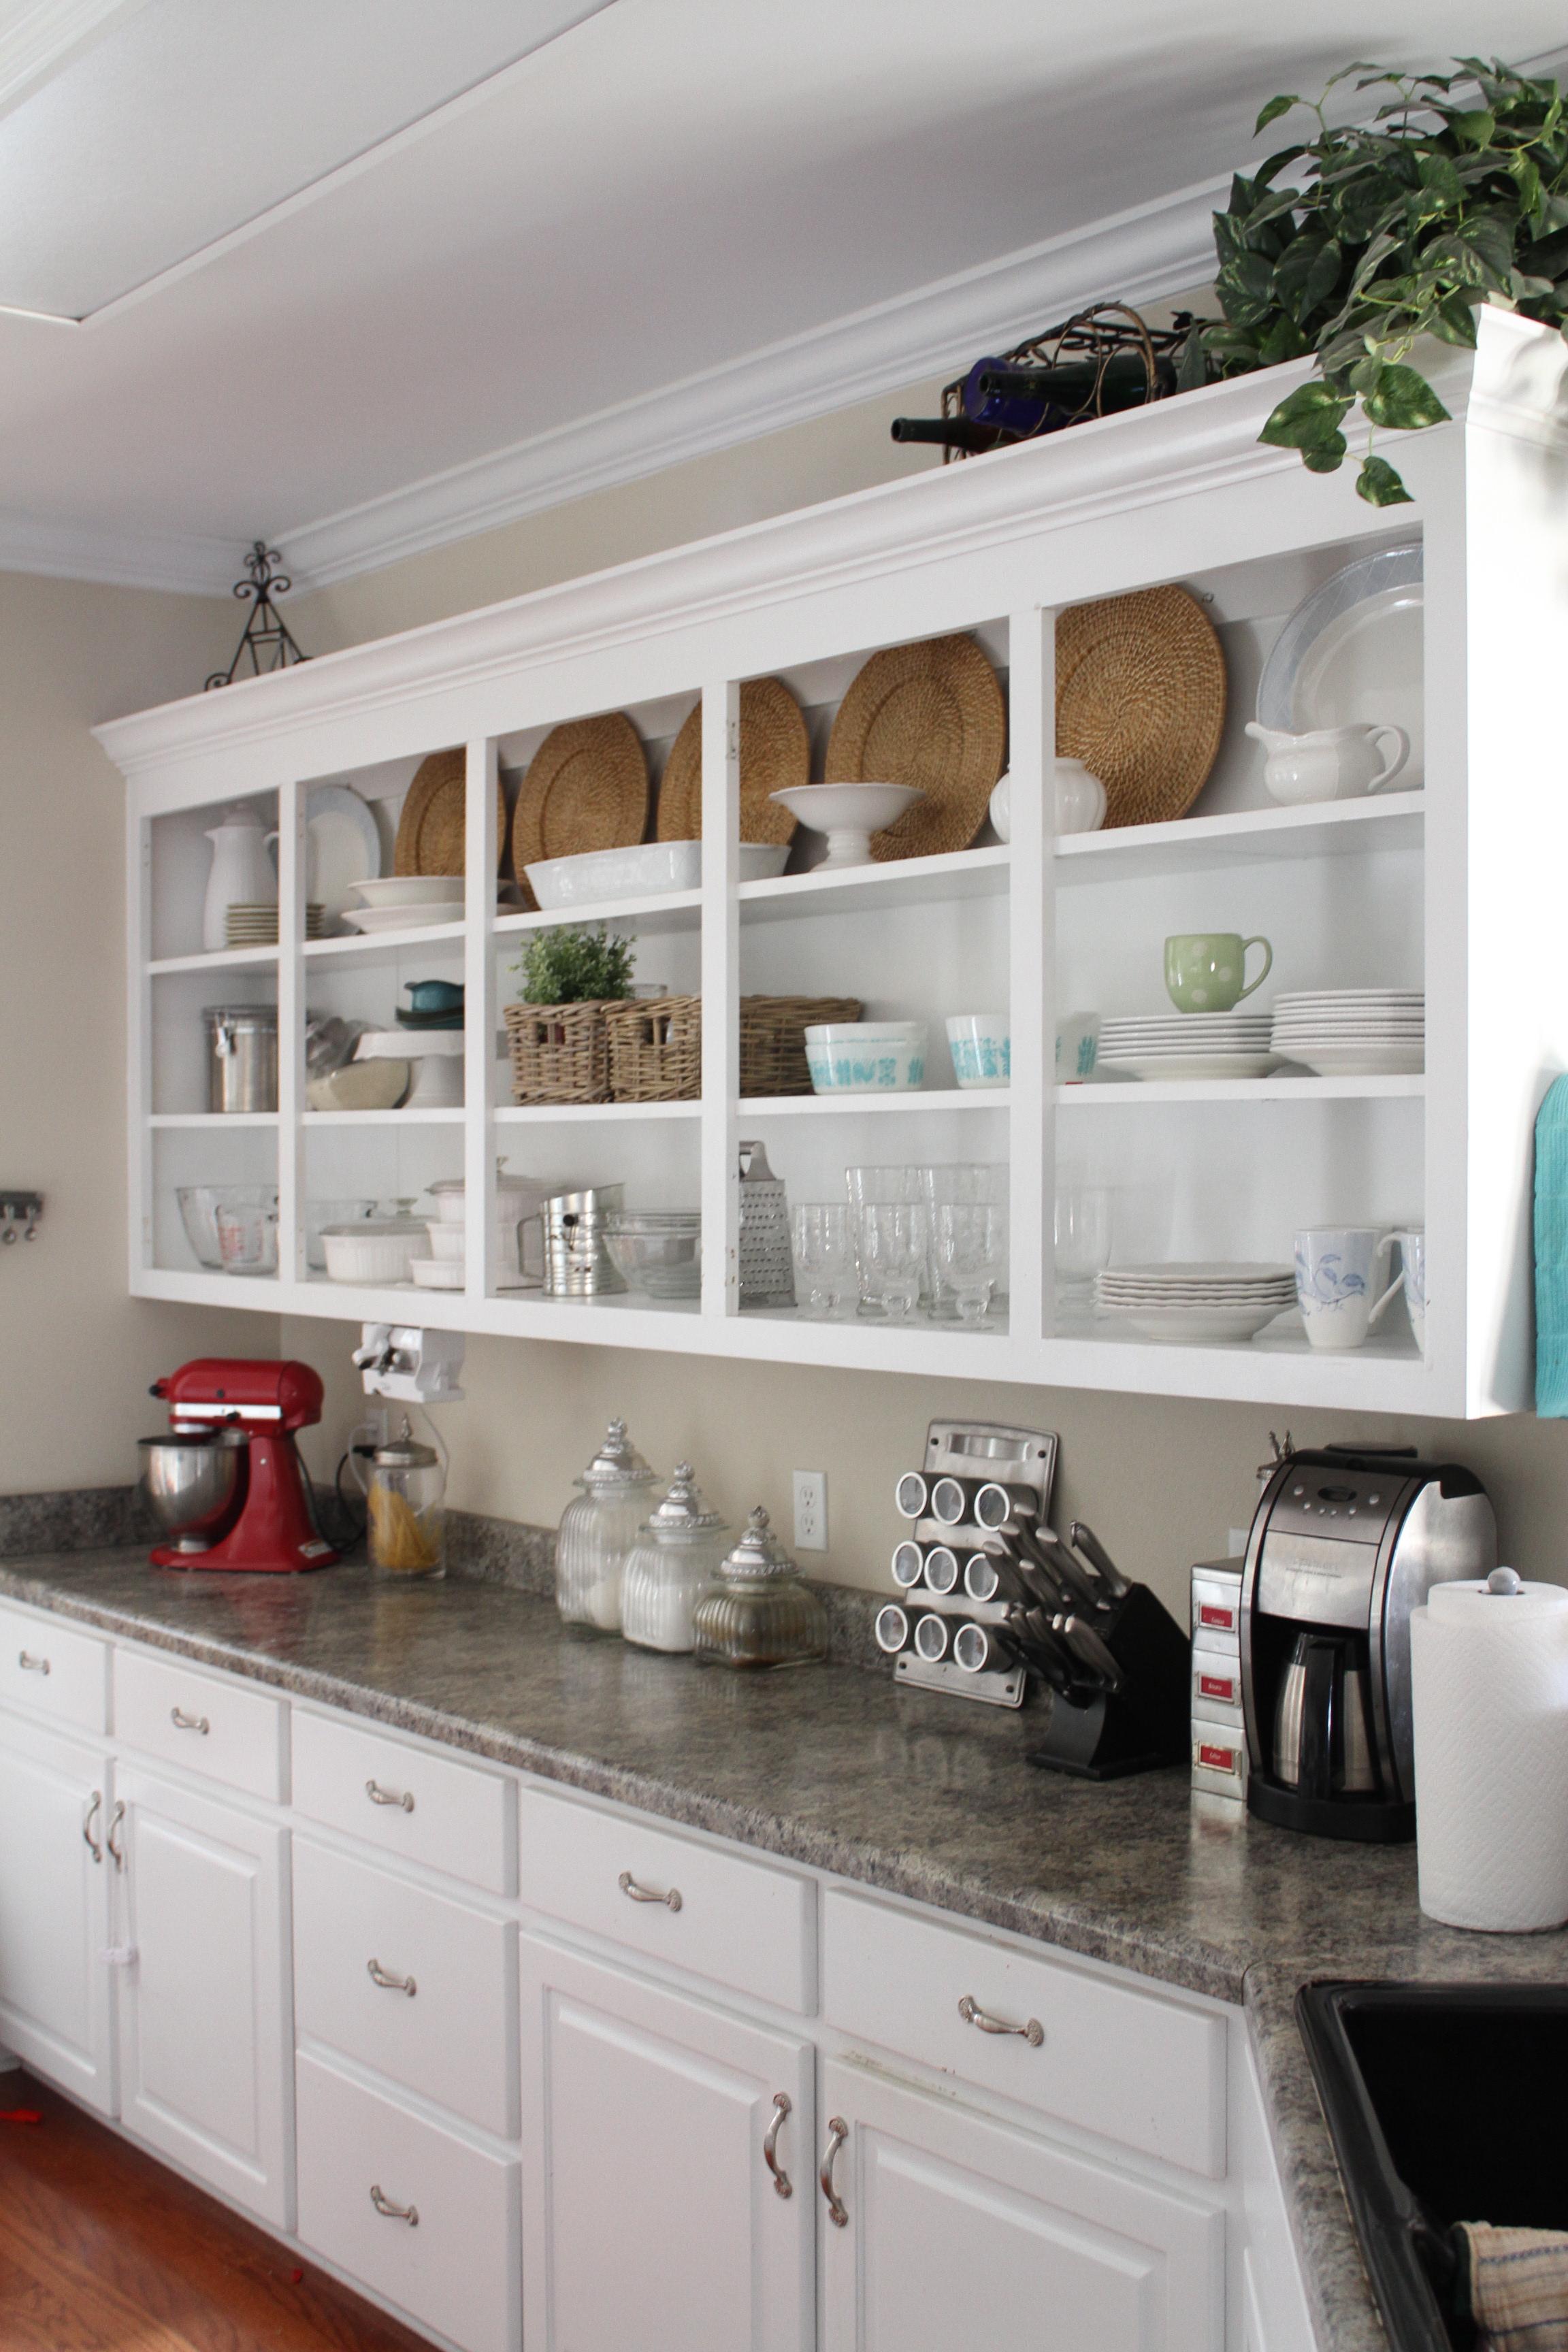 open kitchen cabinets ideas photo - 2